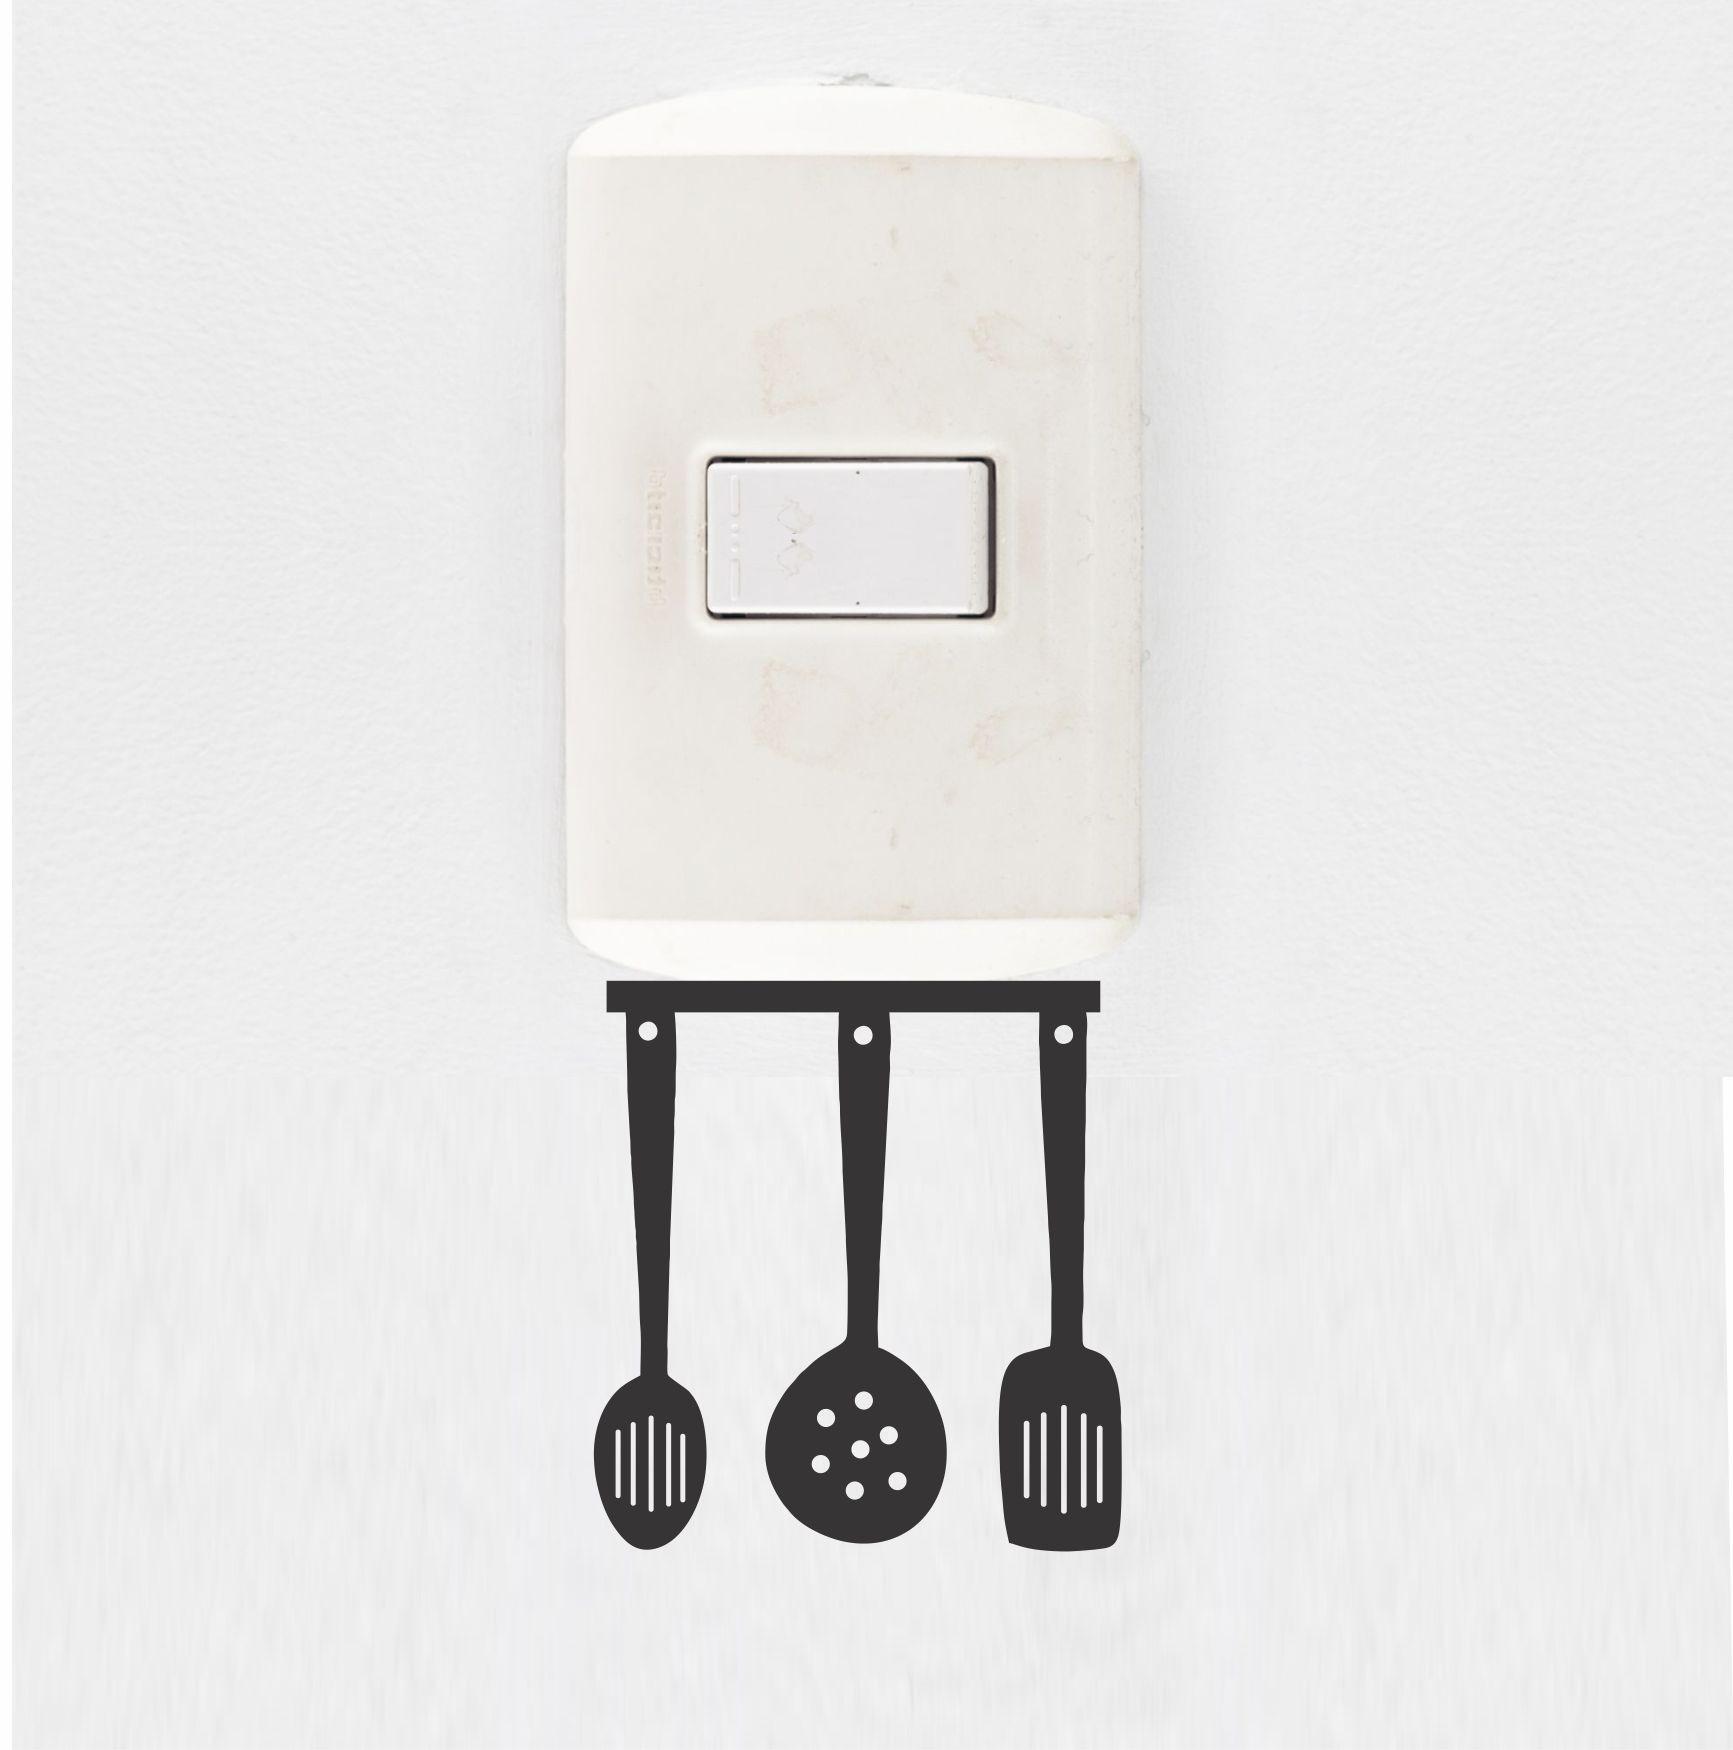 Adesivo de Interruptor e Tomada - Talheres de Cozinha